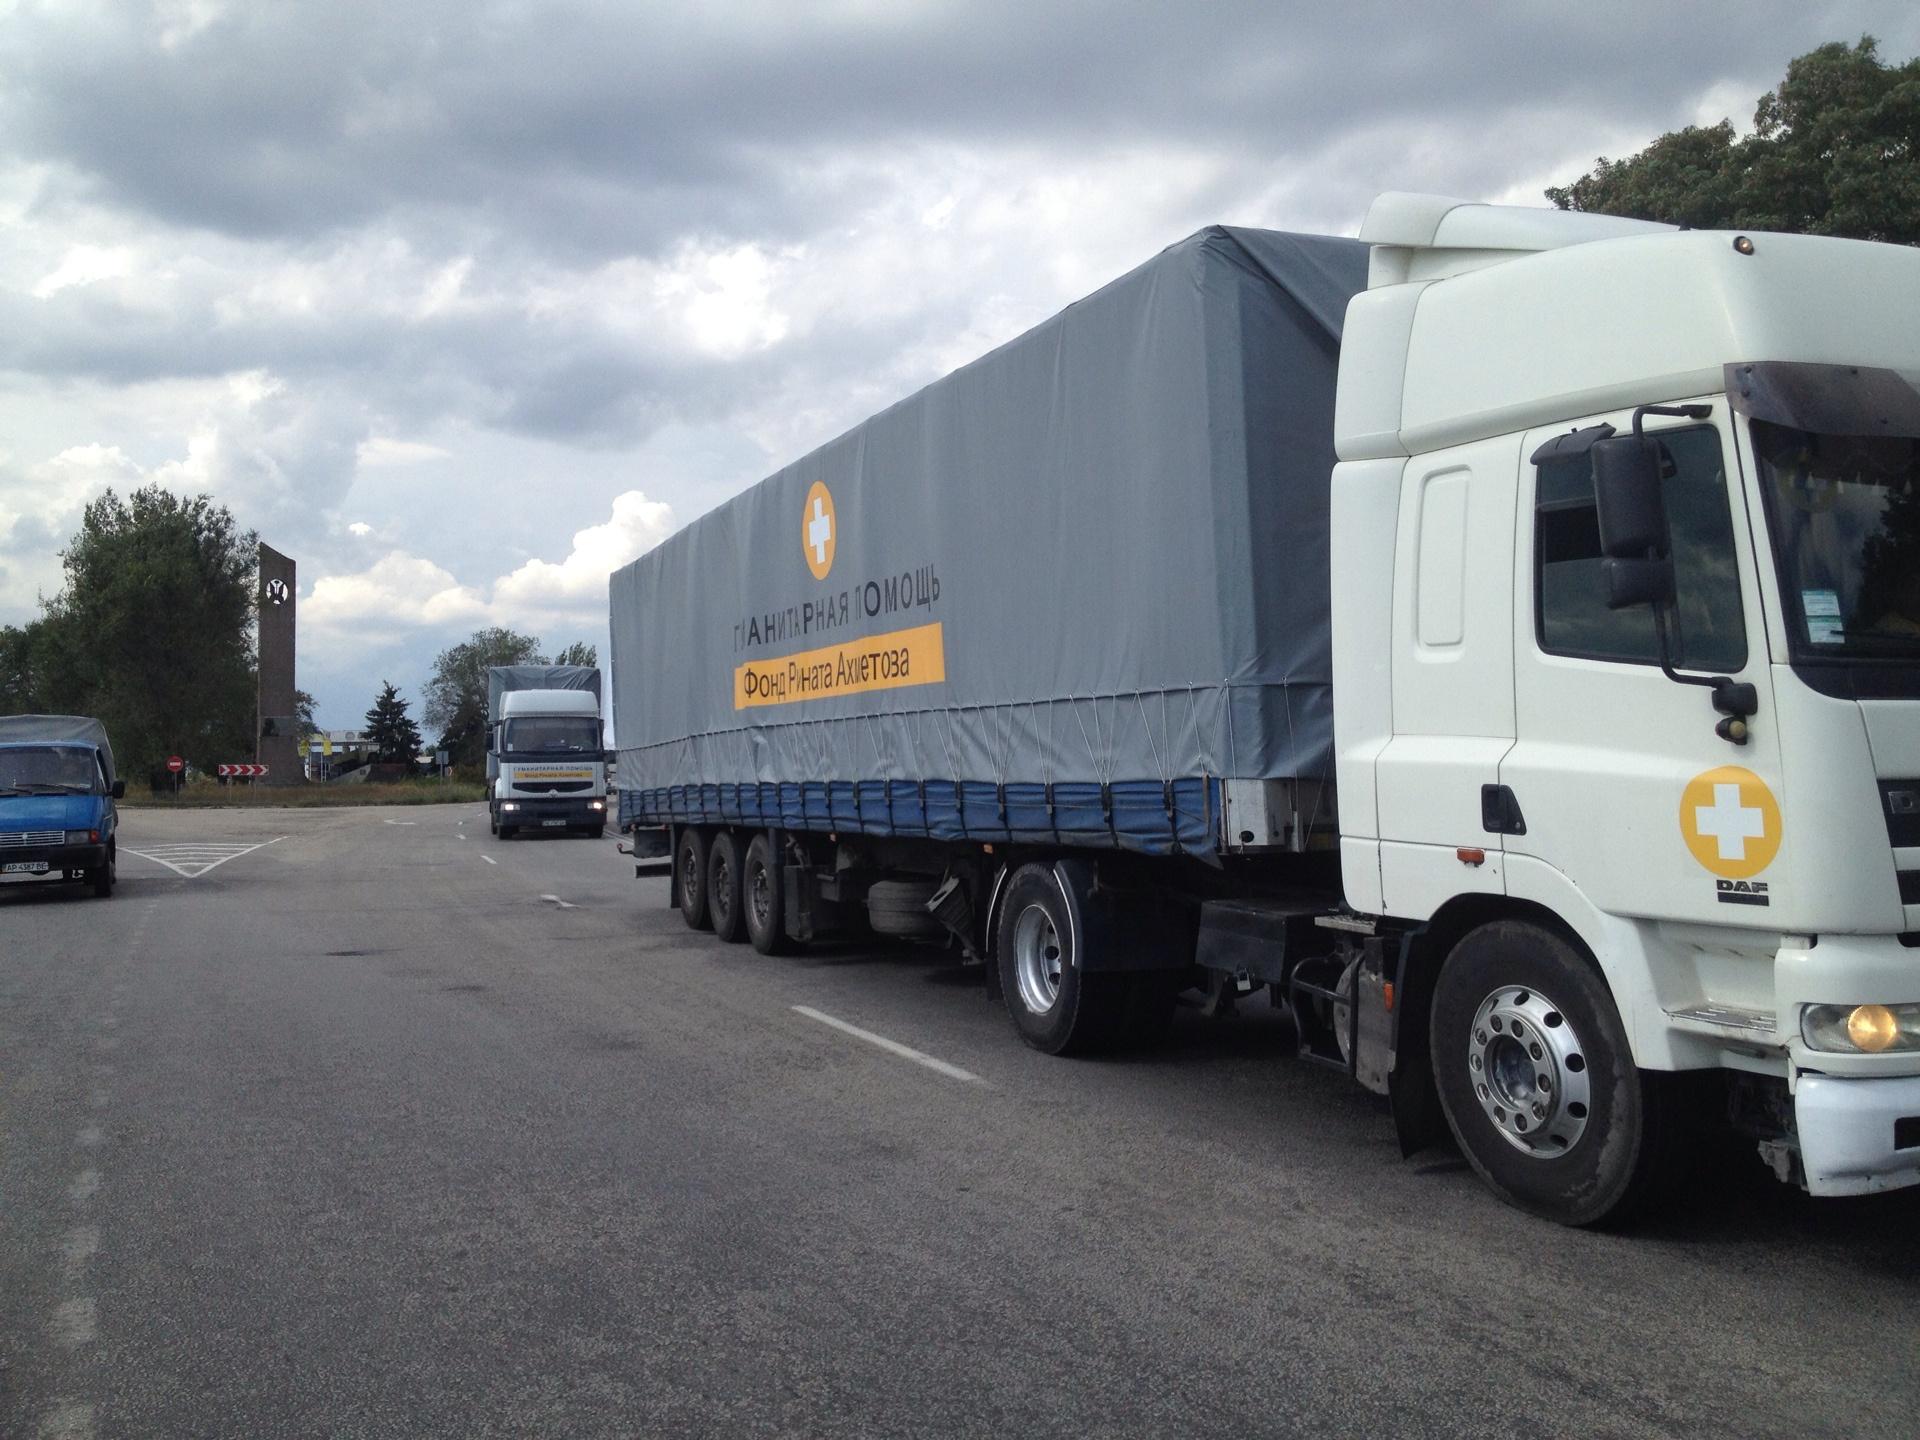 Гуманитарная помощь востоку Украины от Ахметова: Видео